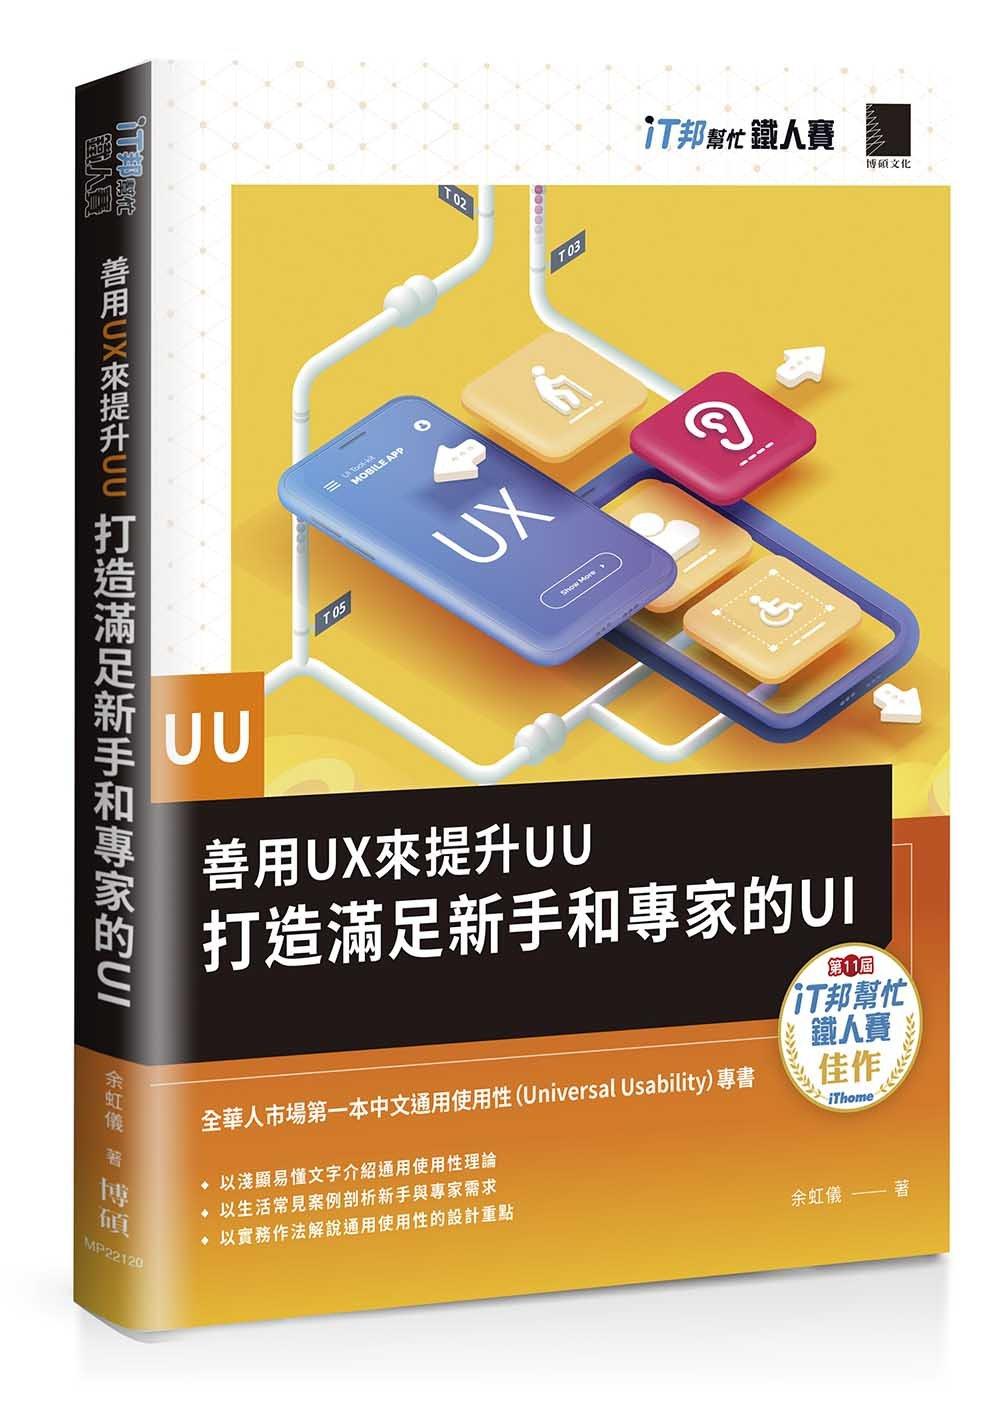 善用 UX 來提升 UU:打造滿足新手和專家的 UI (iT邦幫忙鐵人賽系列書)-preview-1